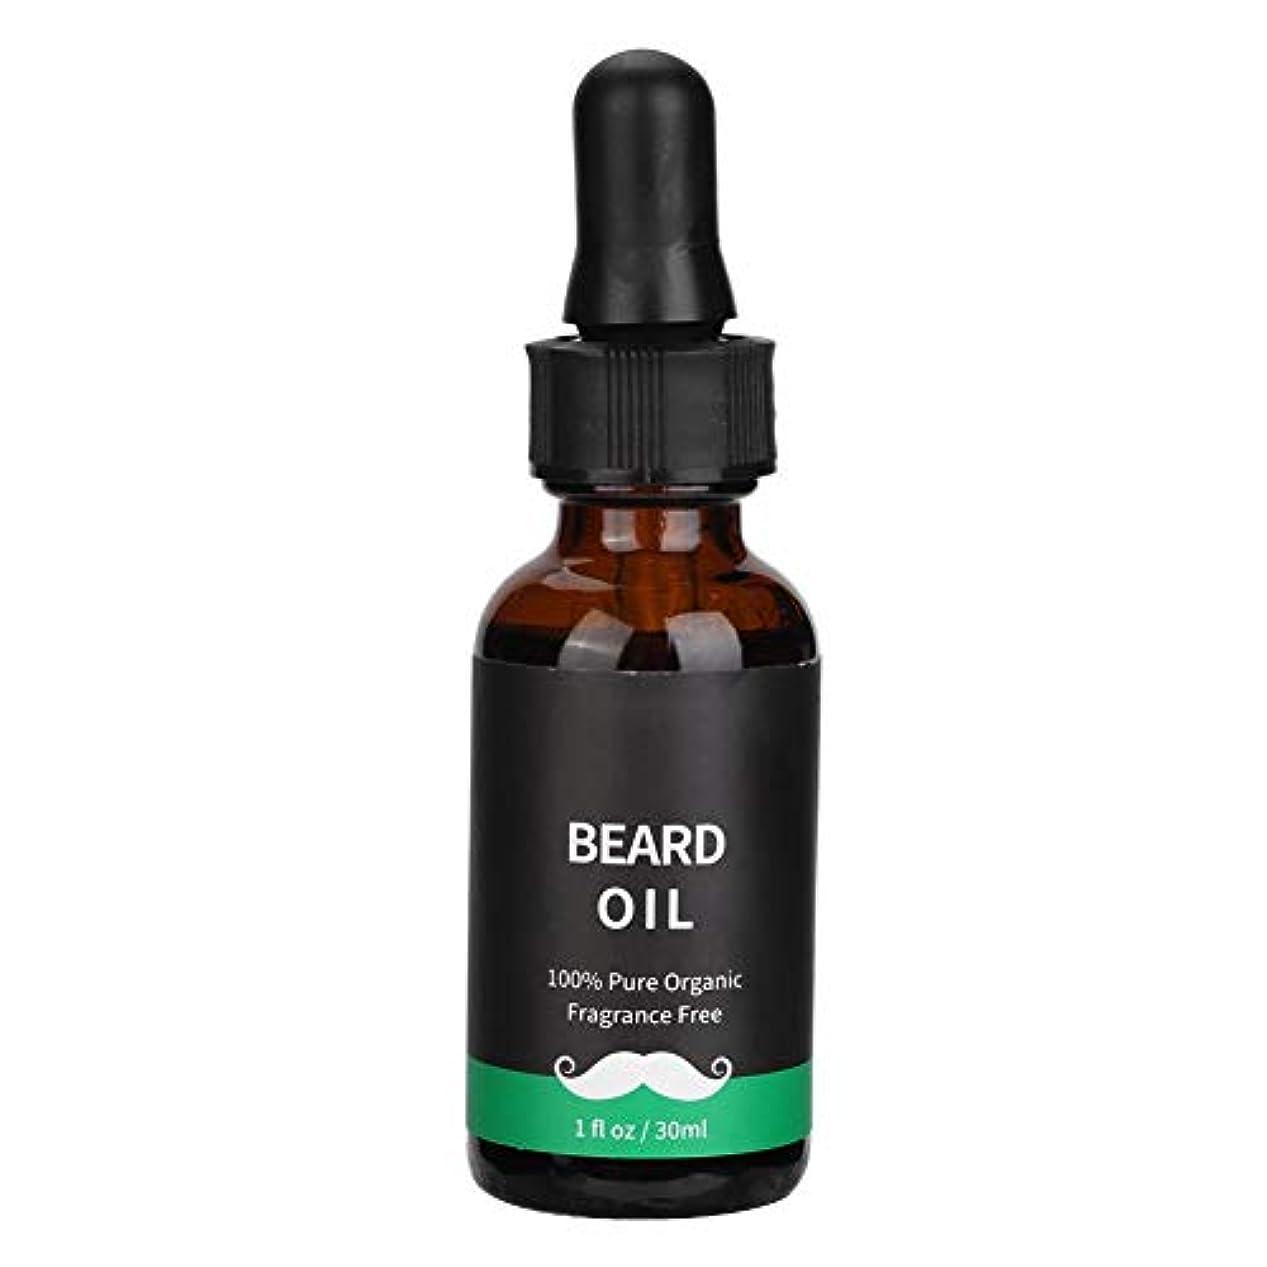 距離鉱夫包帯男性のためのあごひげ成長油、天然液体男性あごひげヒゲ成長ケアオイルバーム(30ML)